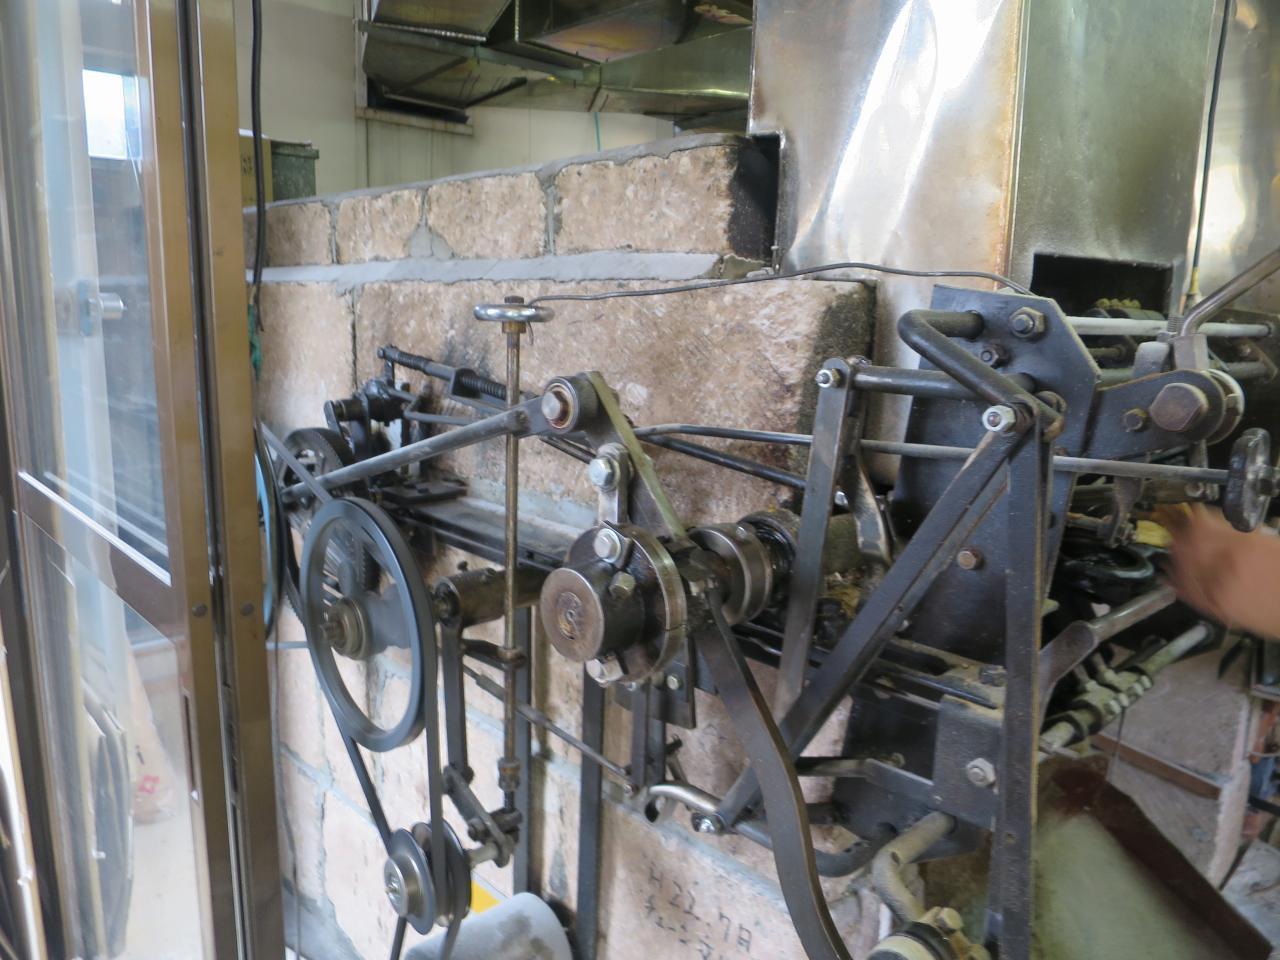 画像: 通常の2倍の大きさの石窯を用い、常に火加減を調節しながら150度を超える温度で焼く